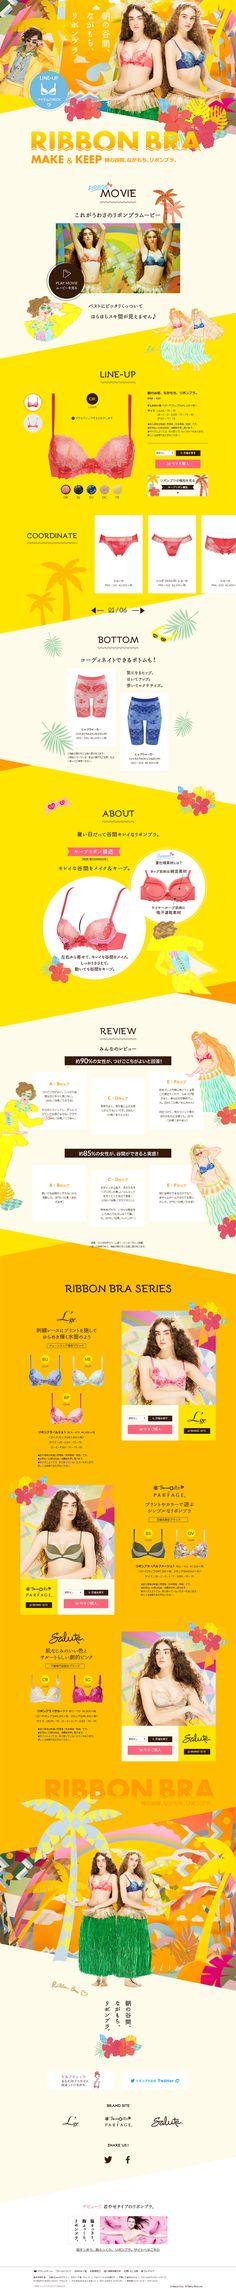 リボンブラ|WEBデザイナーさん必見!ランディングページのデザイン参考に(かわいい系)